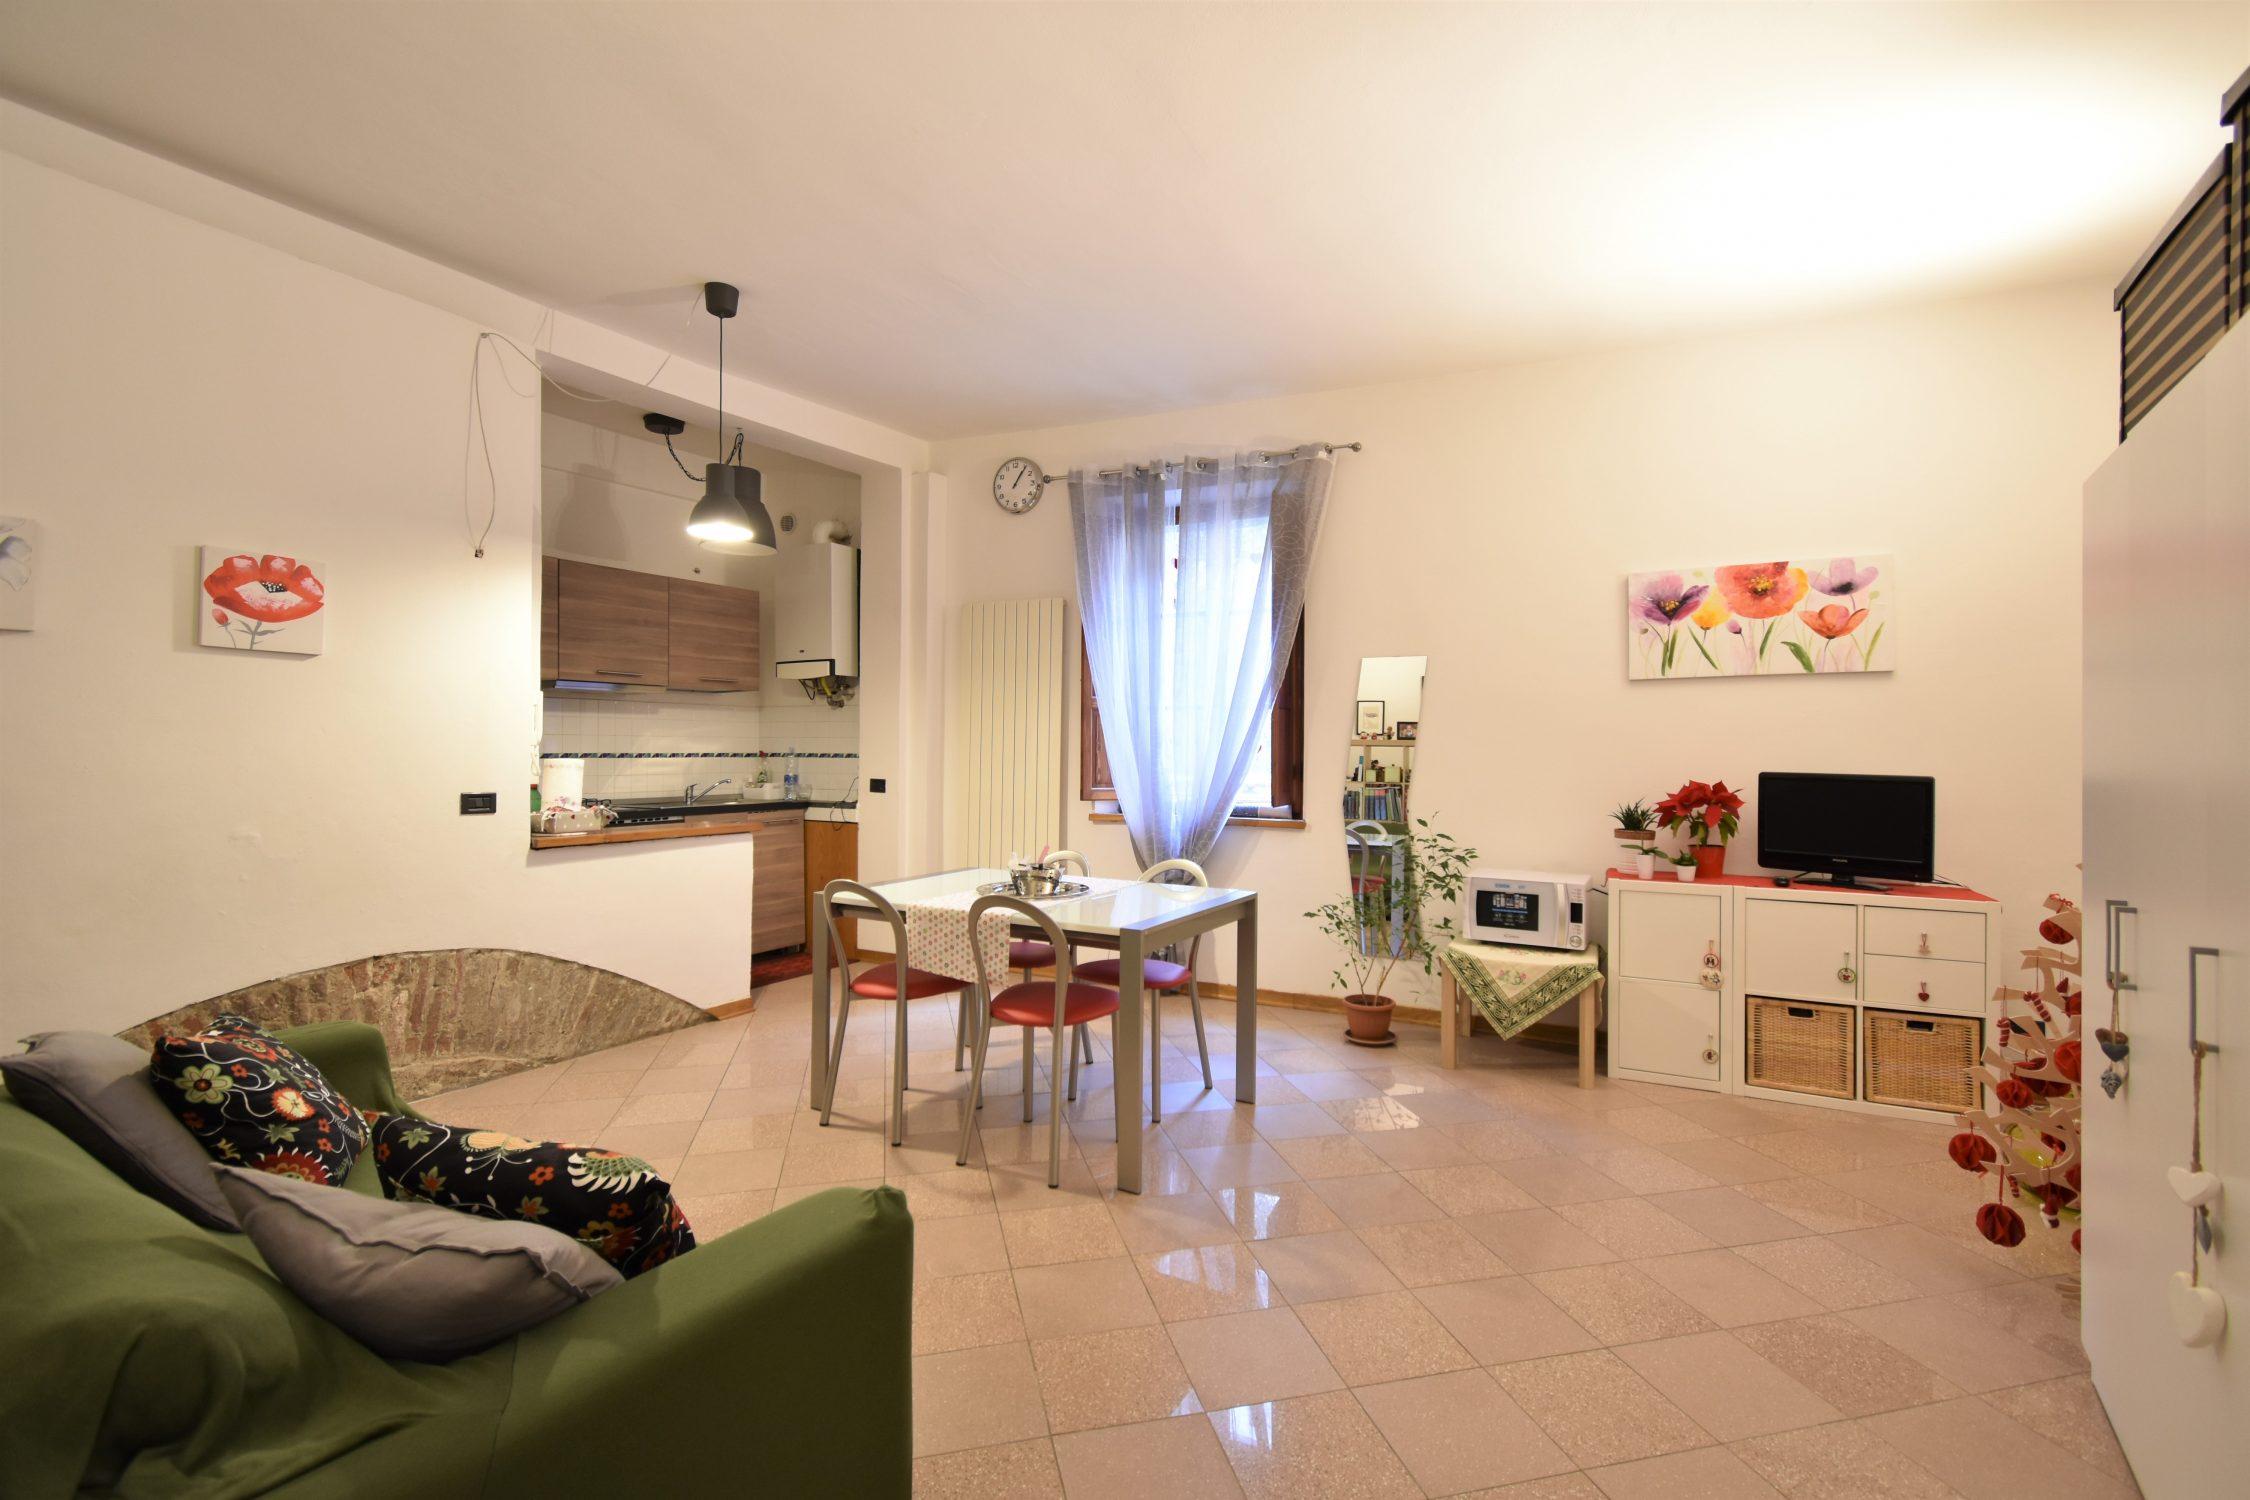 Appartamento semi indipendente locato per investimento – San Francesco, centro storico, Pisa